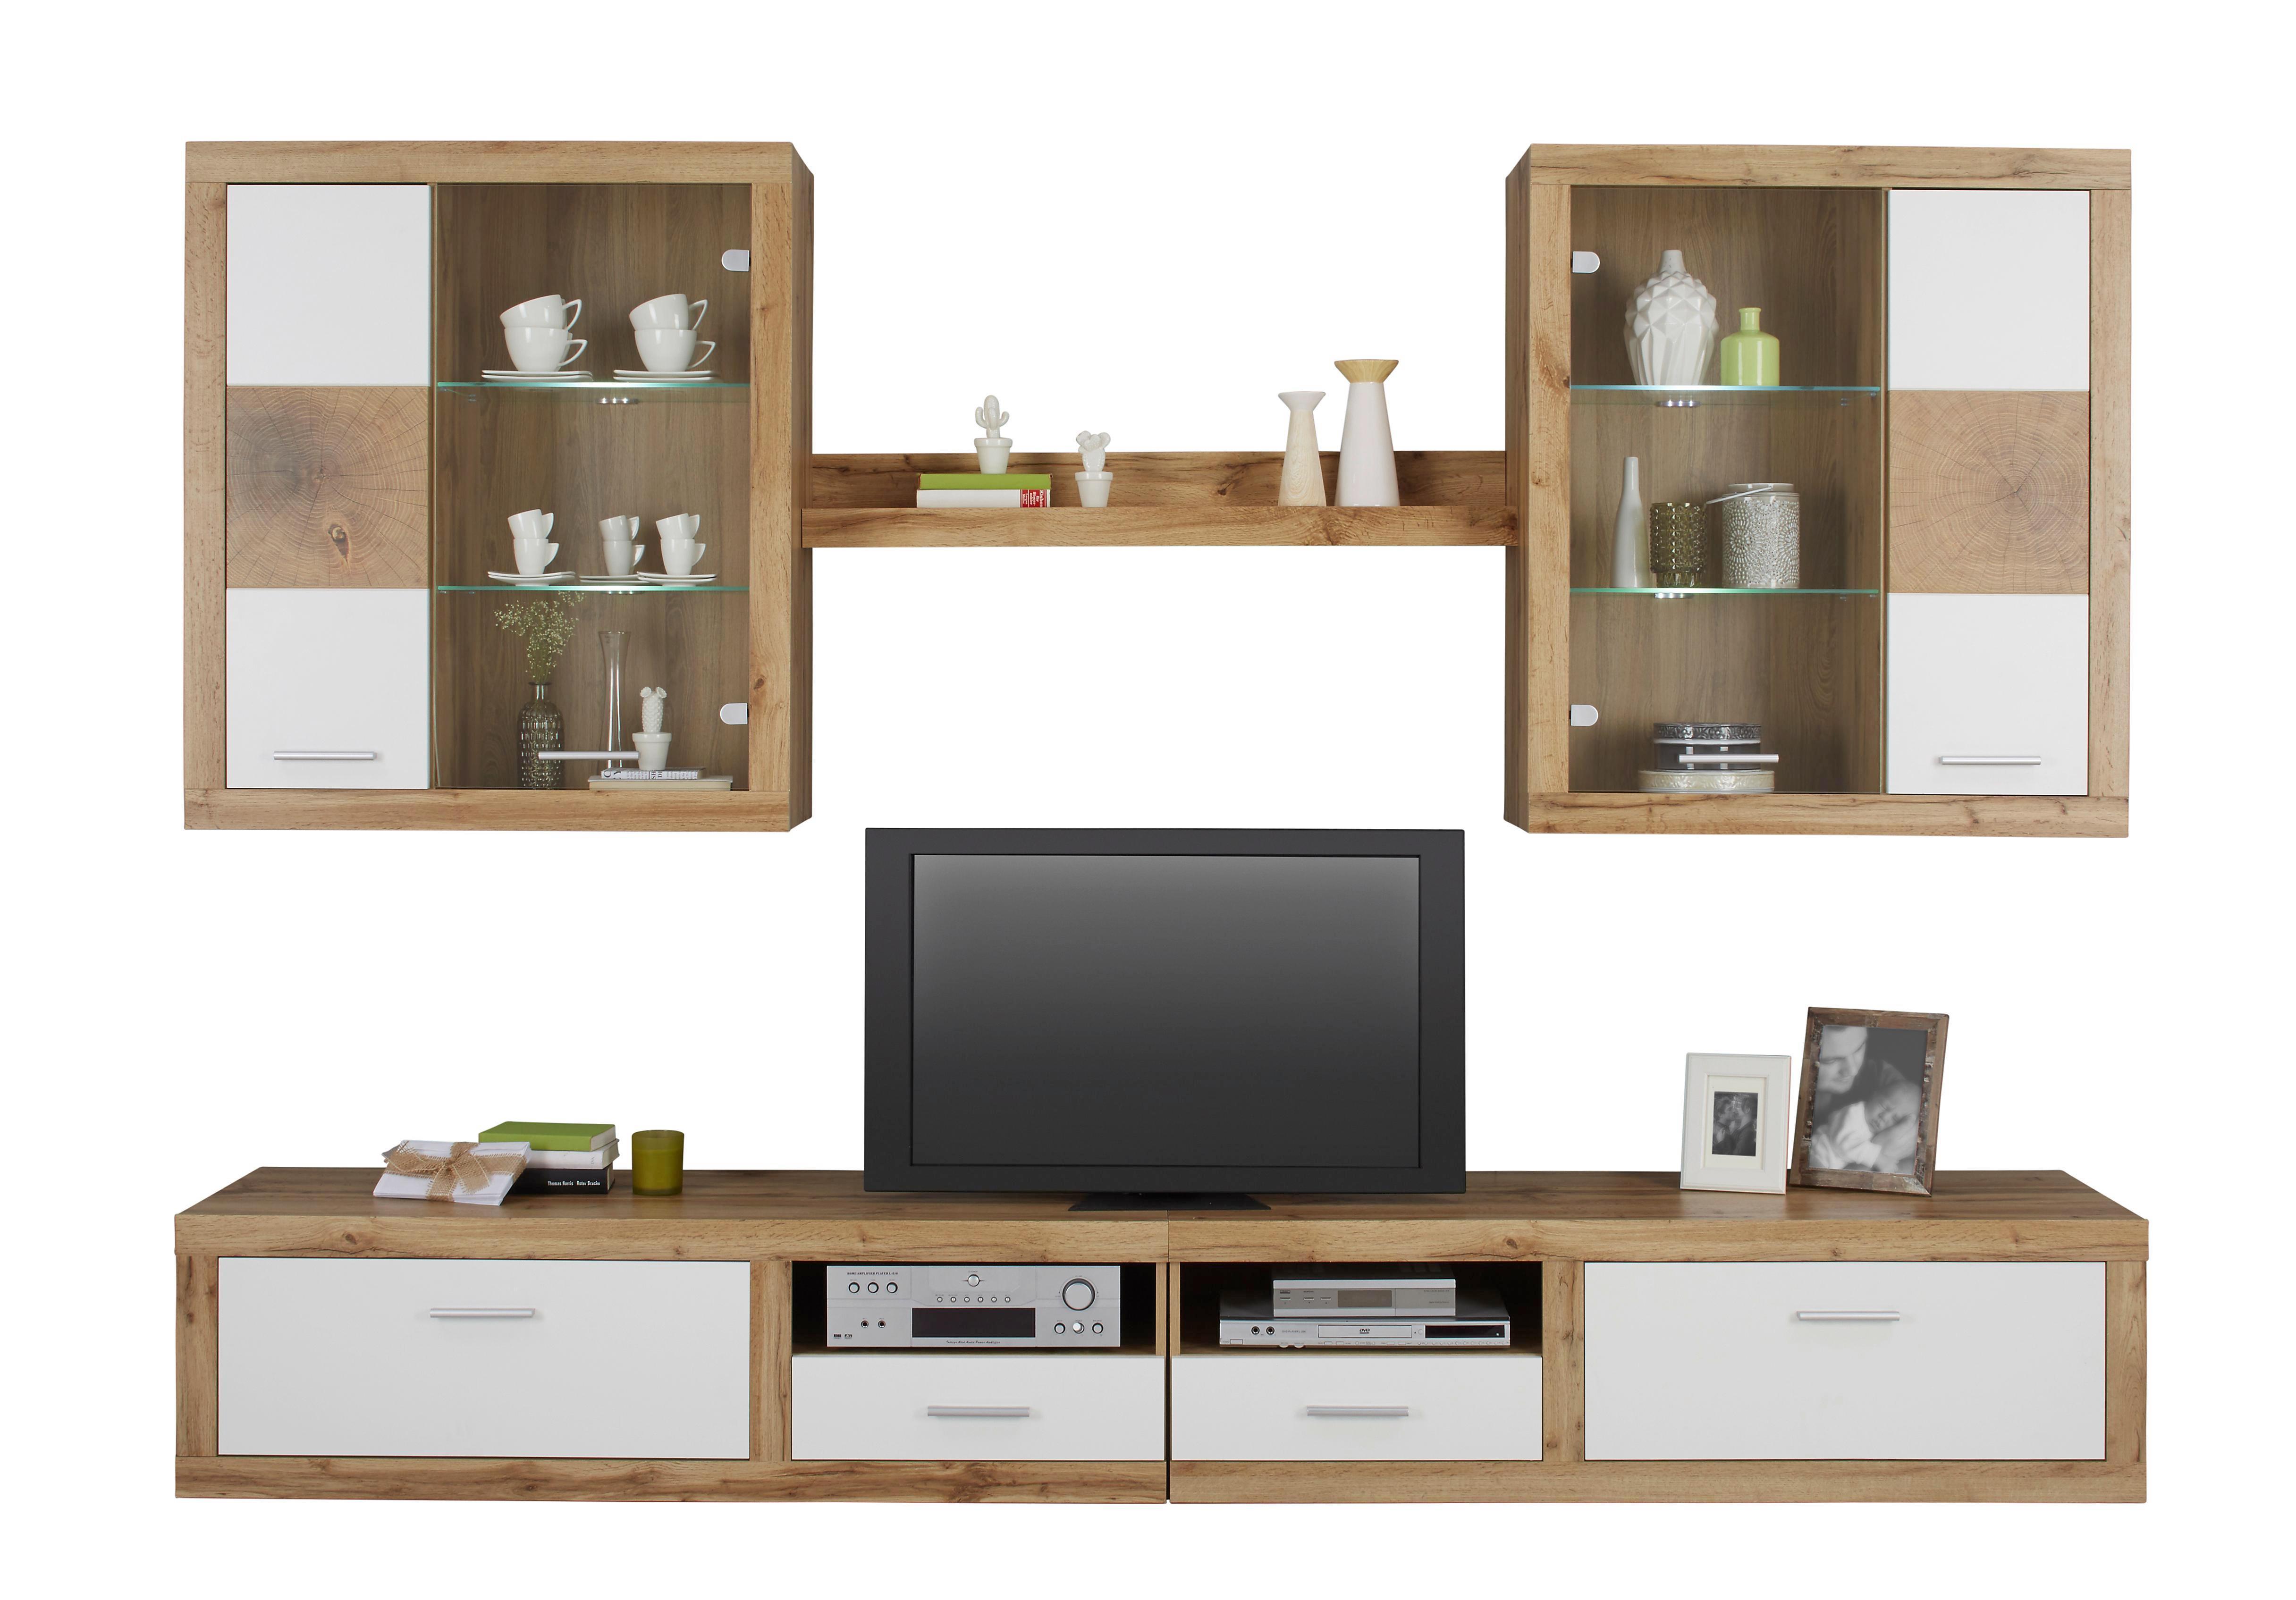 moderne wohnwande eiche, wohnwand weiß/eichefarben online kaufen ➤ mömax, Innenarchitektur